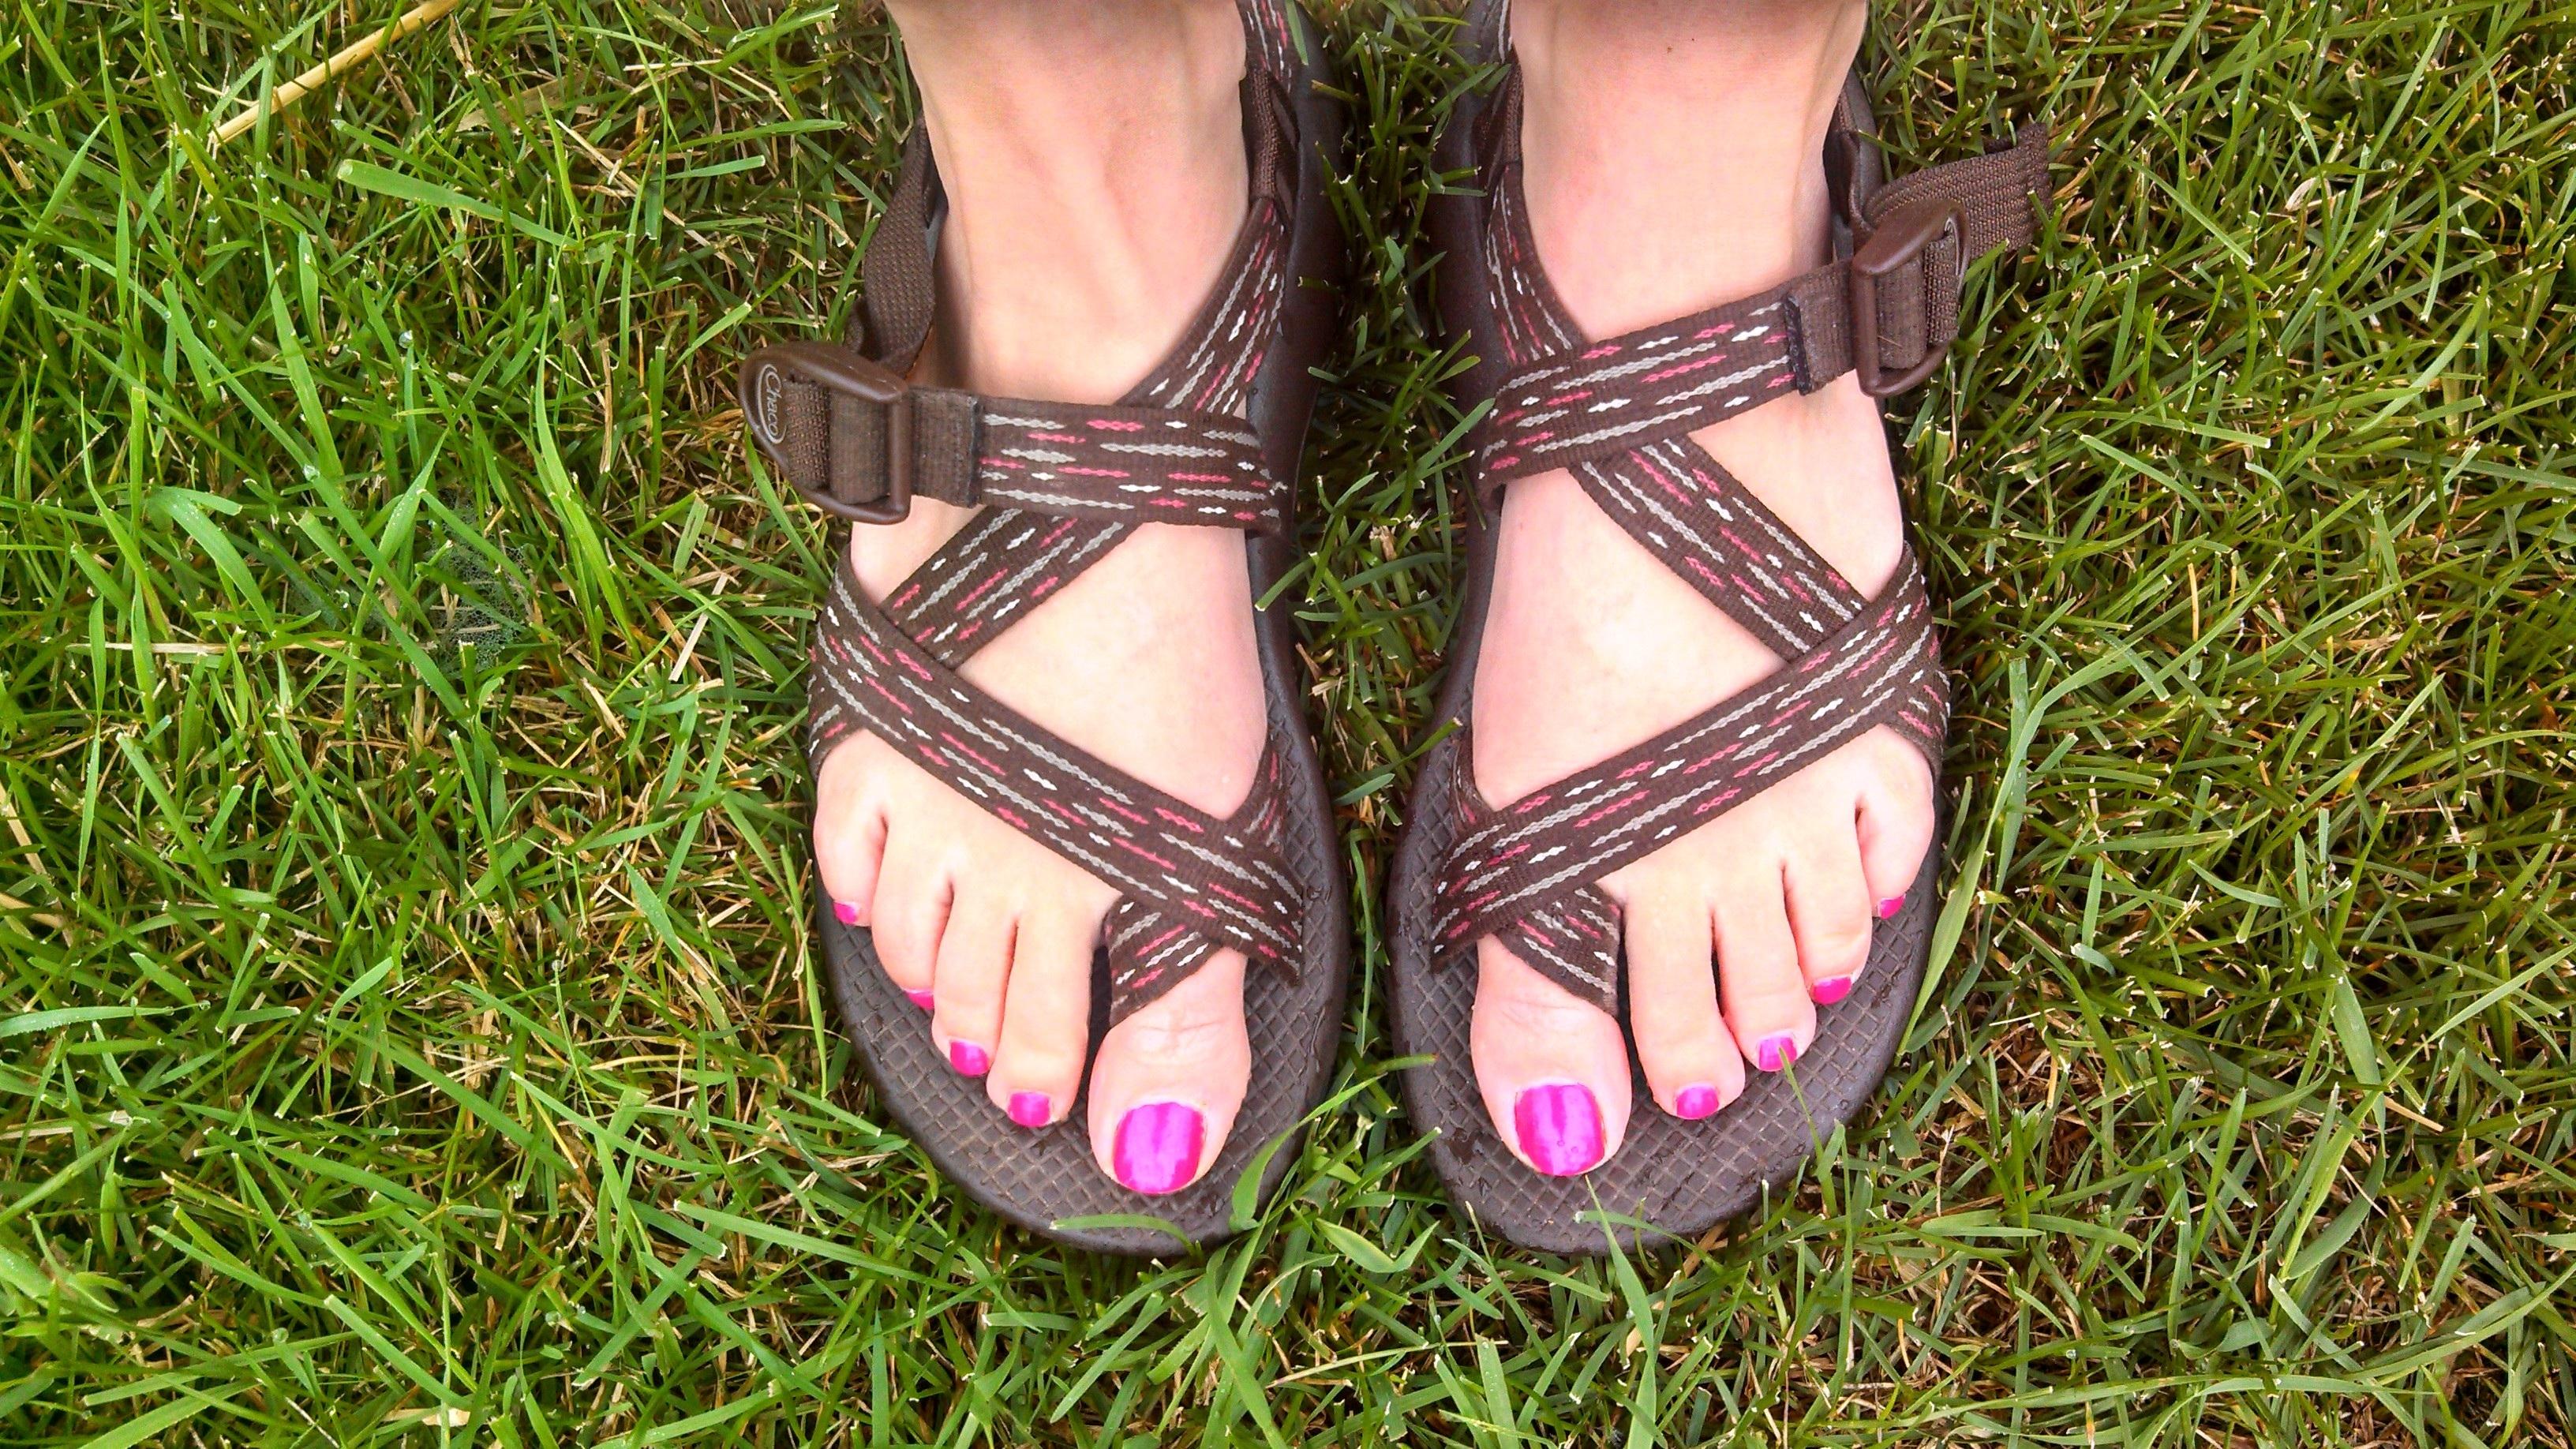 Fotos gratis : césped, zapato, flor, Pies, pierna, rosado, esmalte ...